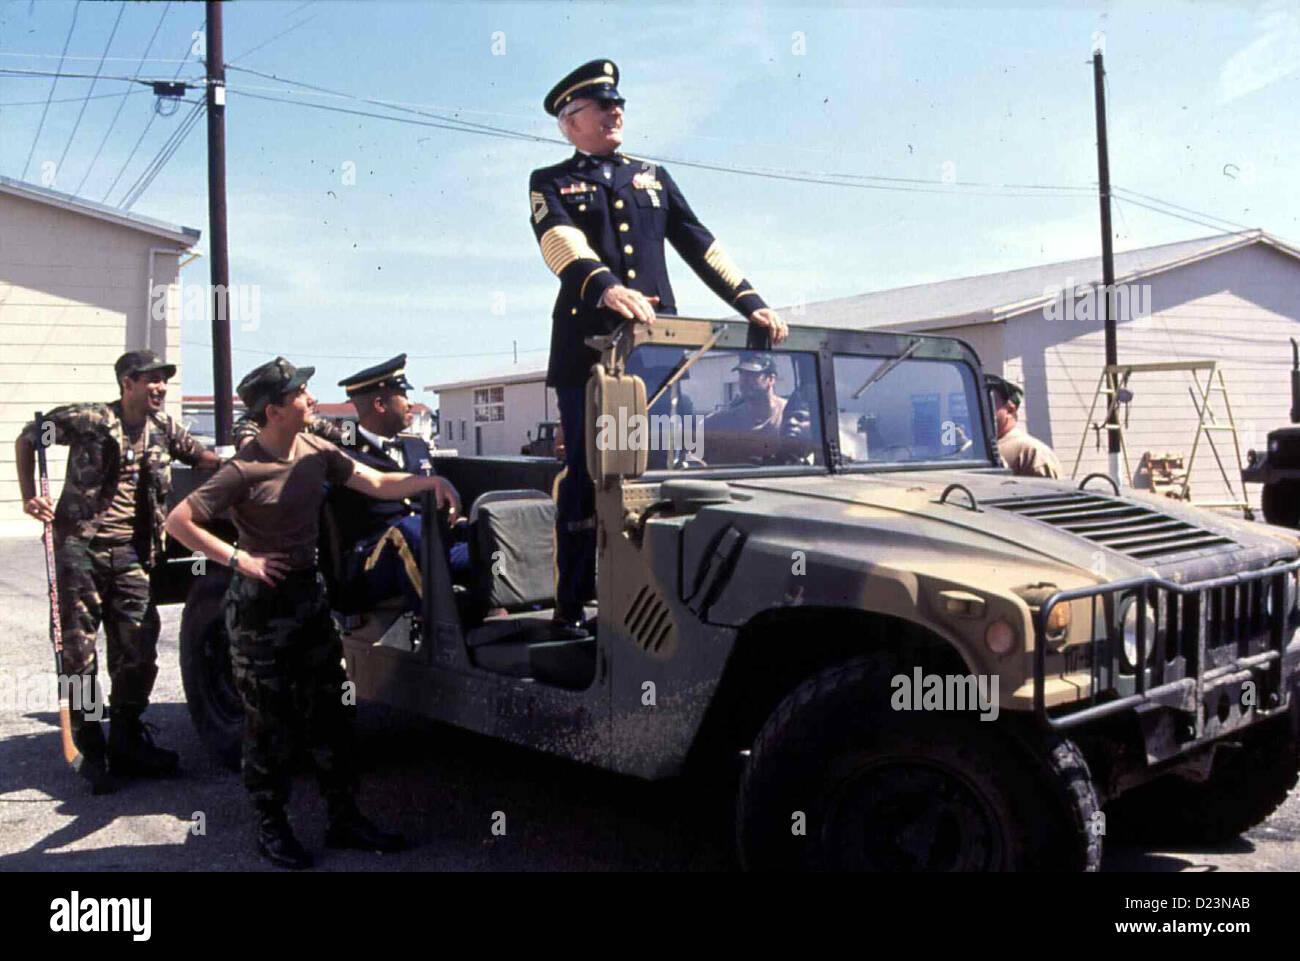 Immer Aerger Mit Sergant Bilko  Sgt. Bilko  Steve Martin Wenn Col. Hall sich doch einmal zu einem Rundgang entschliesst, - Stock Image